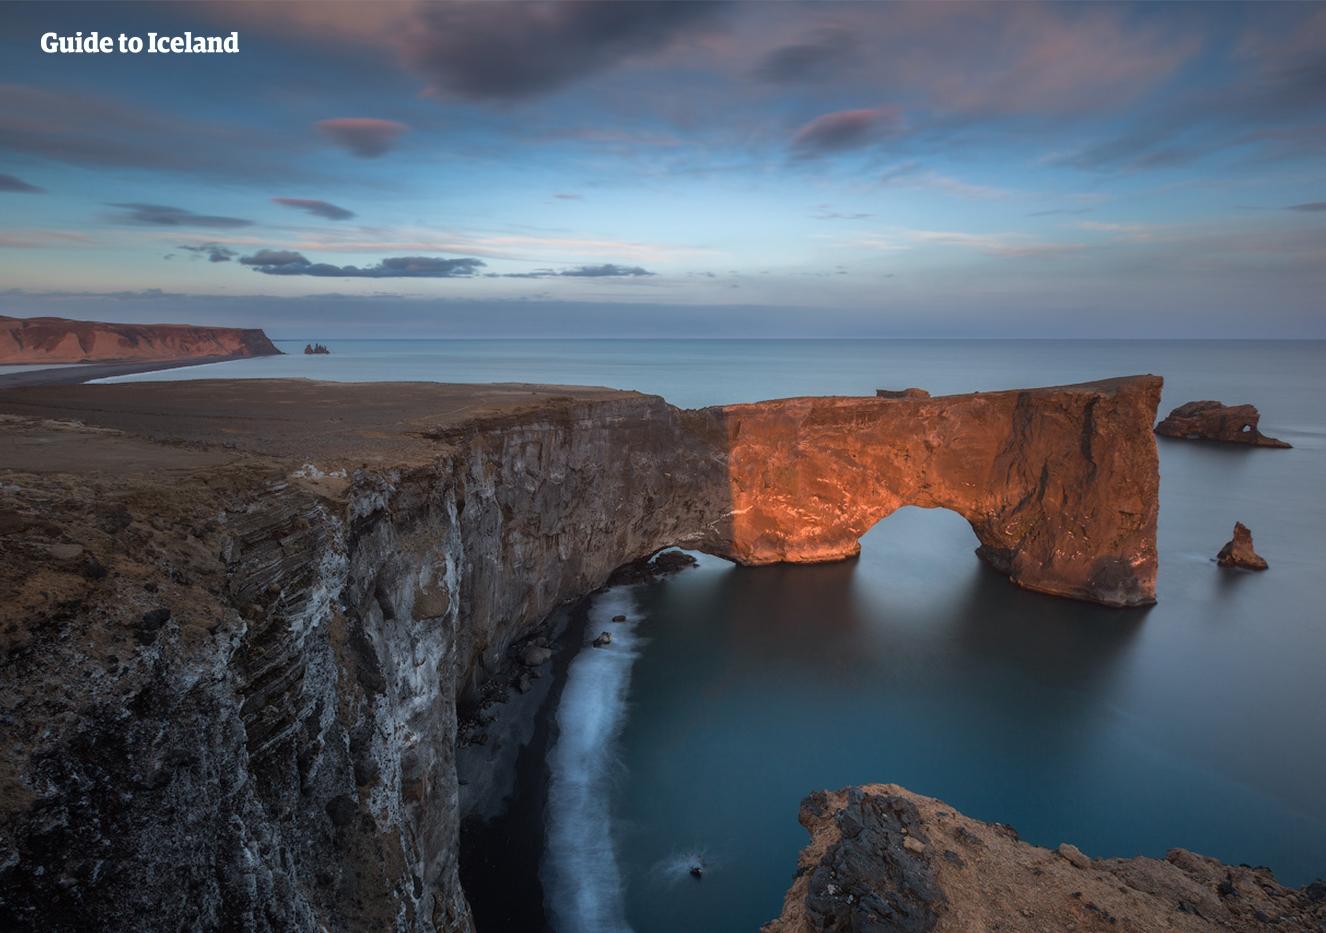 La pequeña península de Dyrhólaey una vez fue conocida como 'Cabo Portland' por los marineros que pasaban.